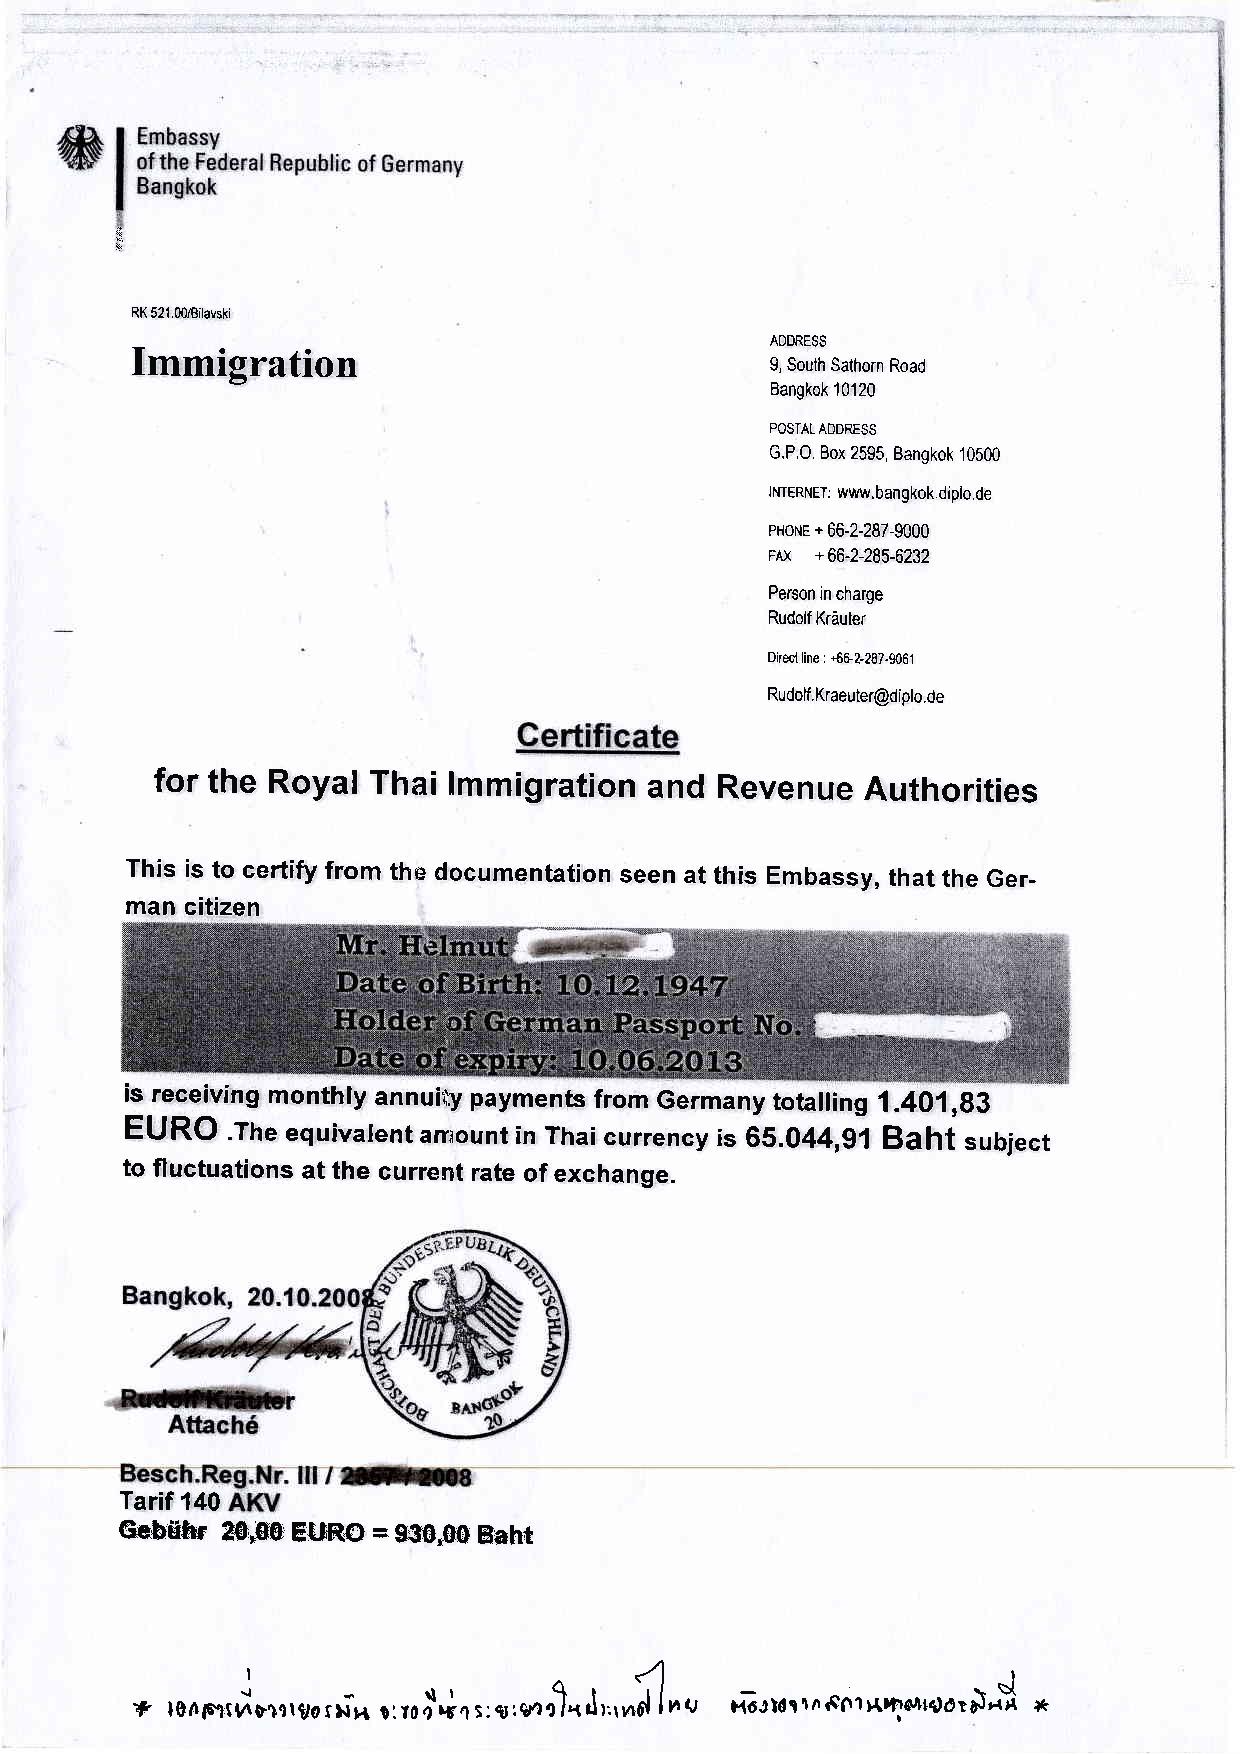 ตัวอย่างเอกสารการต่อวีซ่าคนเยอรมันในประเทศไทย